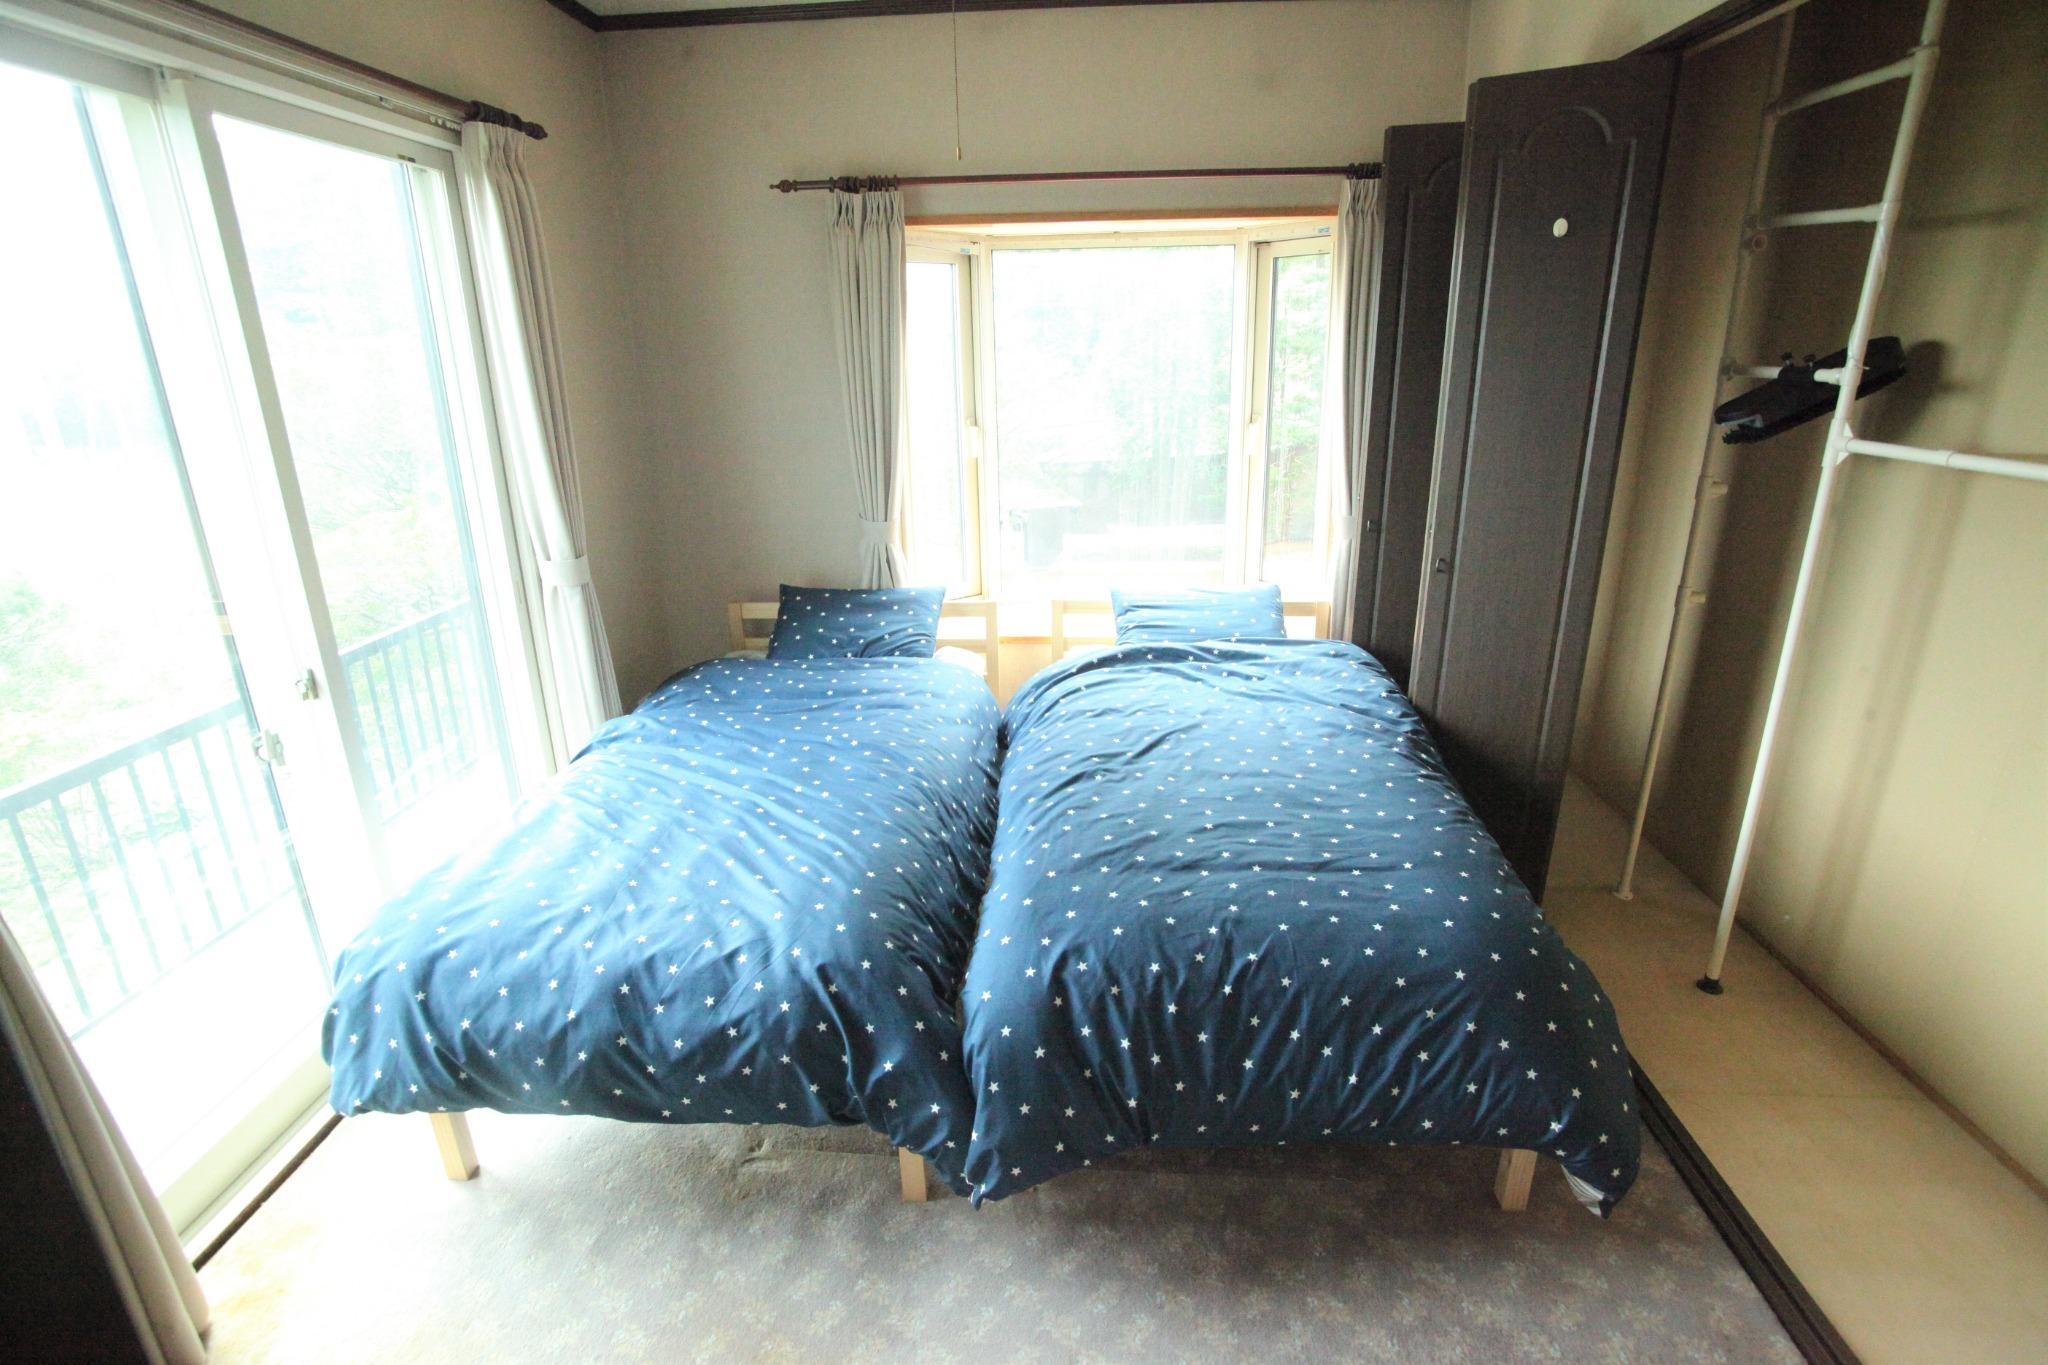 洋室2名部屋(ベッド) 1F